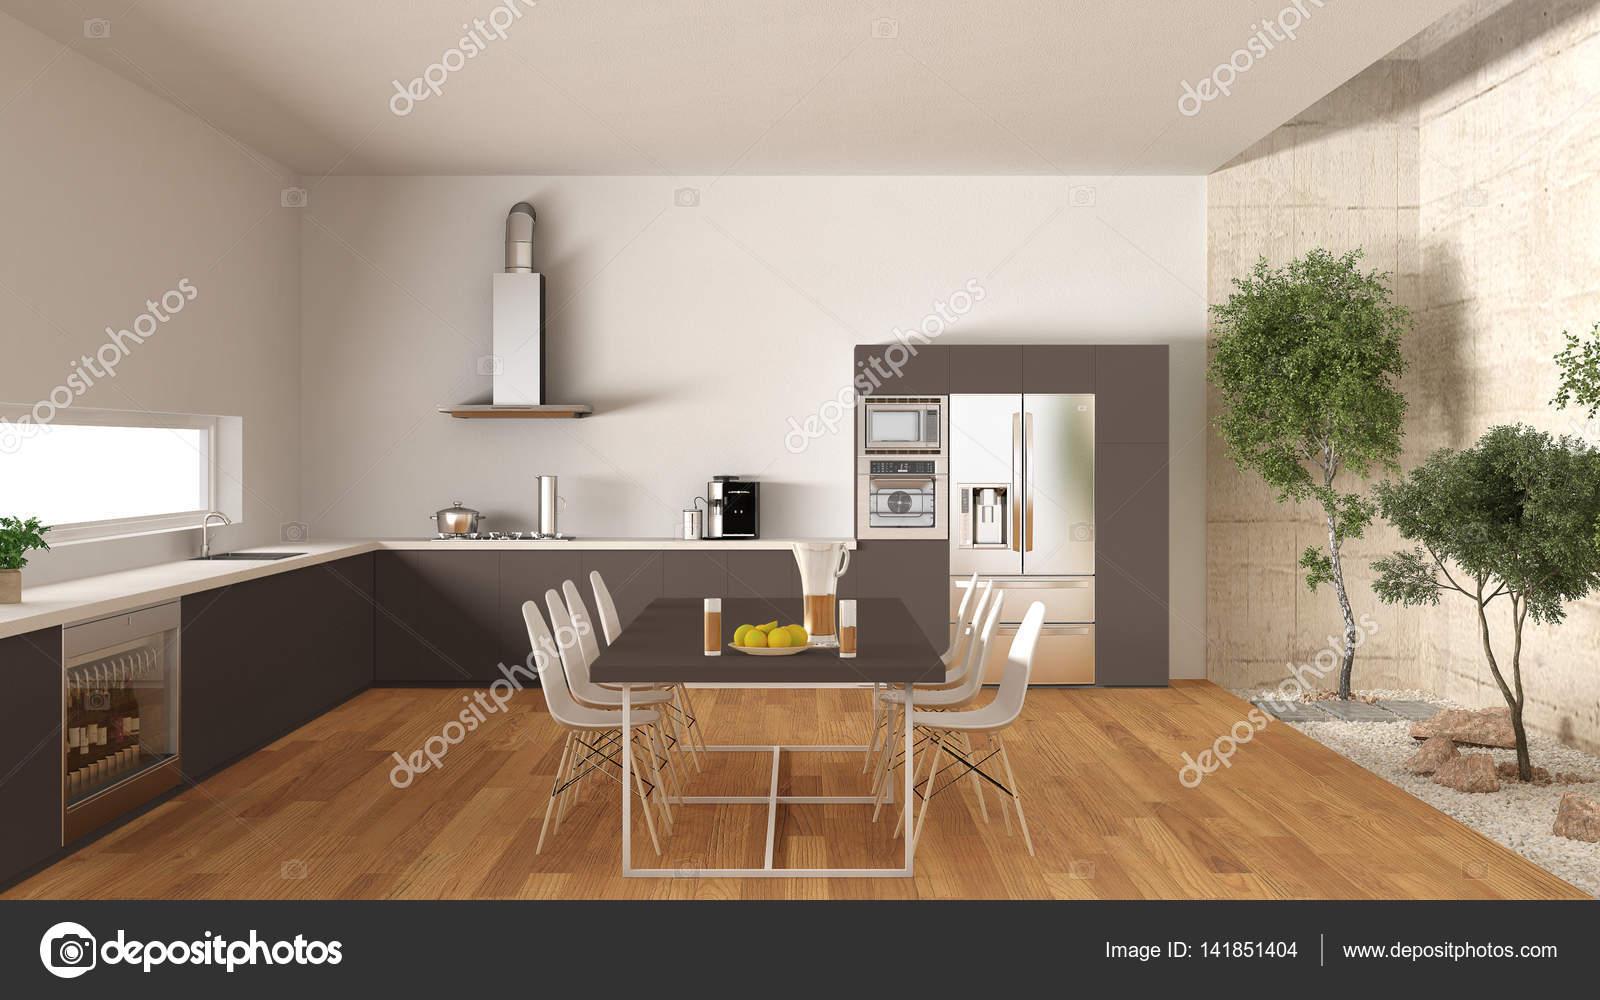 Braune Küche | Weisse Und Braune Kuche Mit Innengarten Minimale Innere Desi